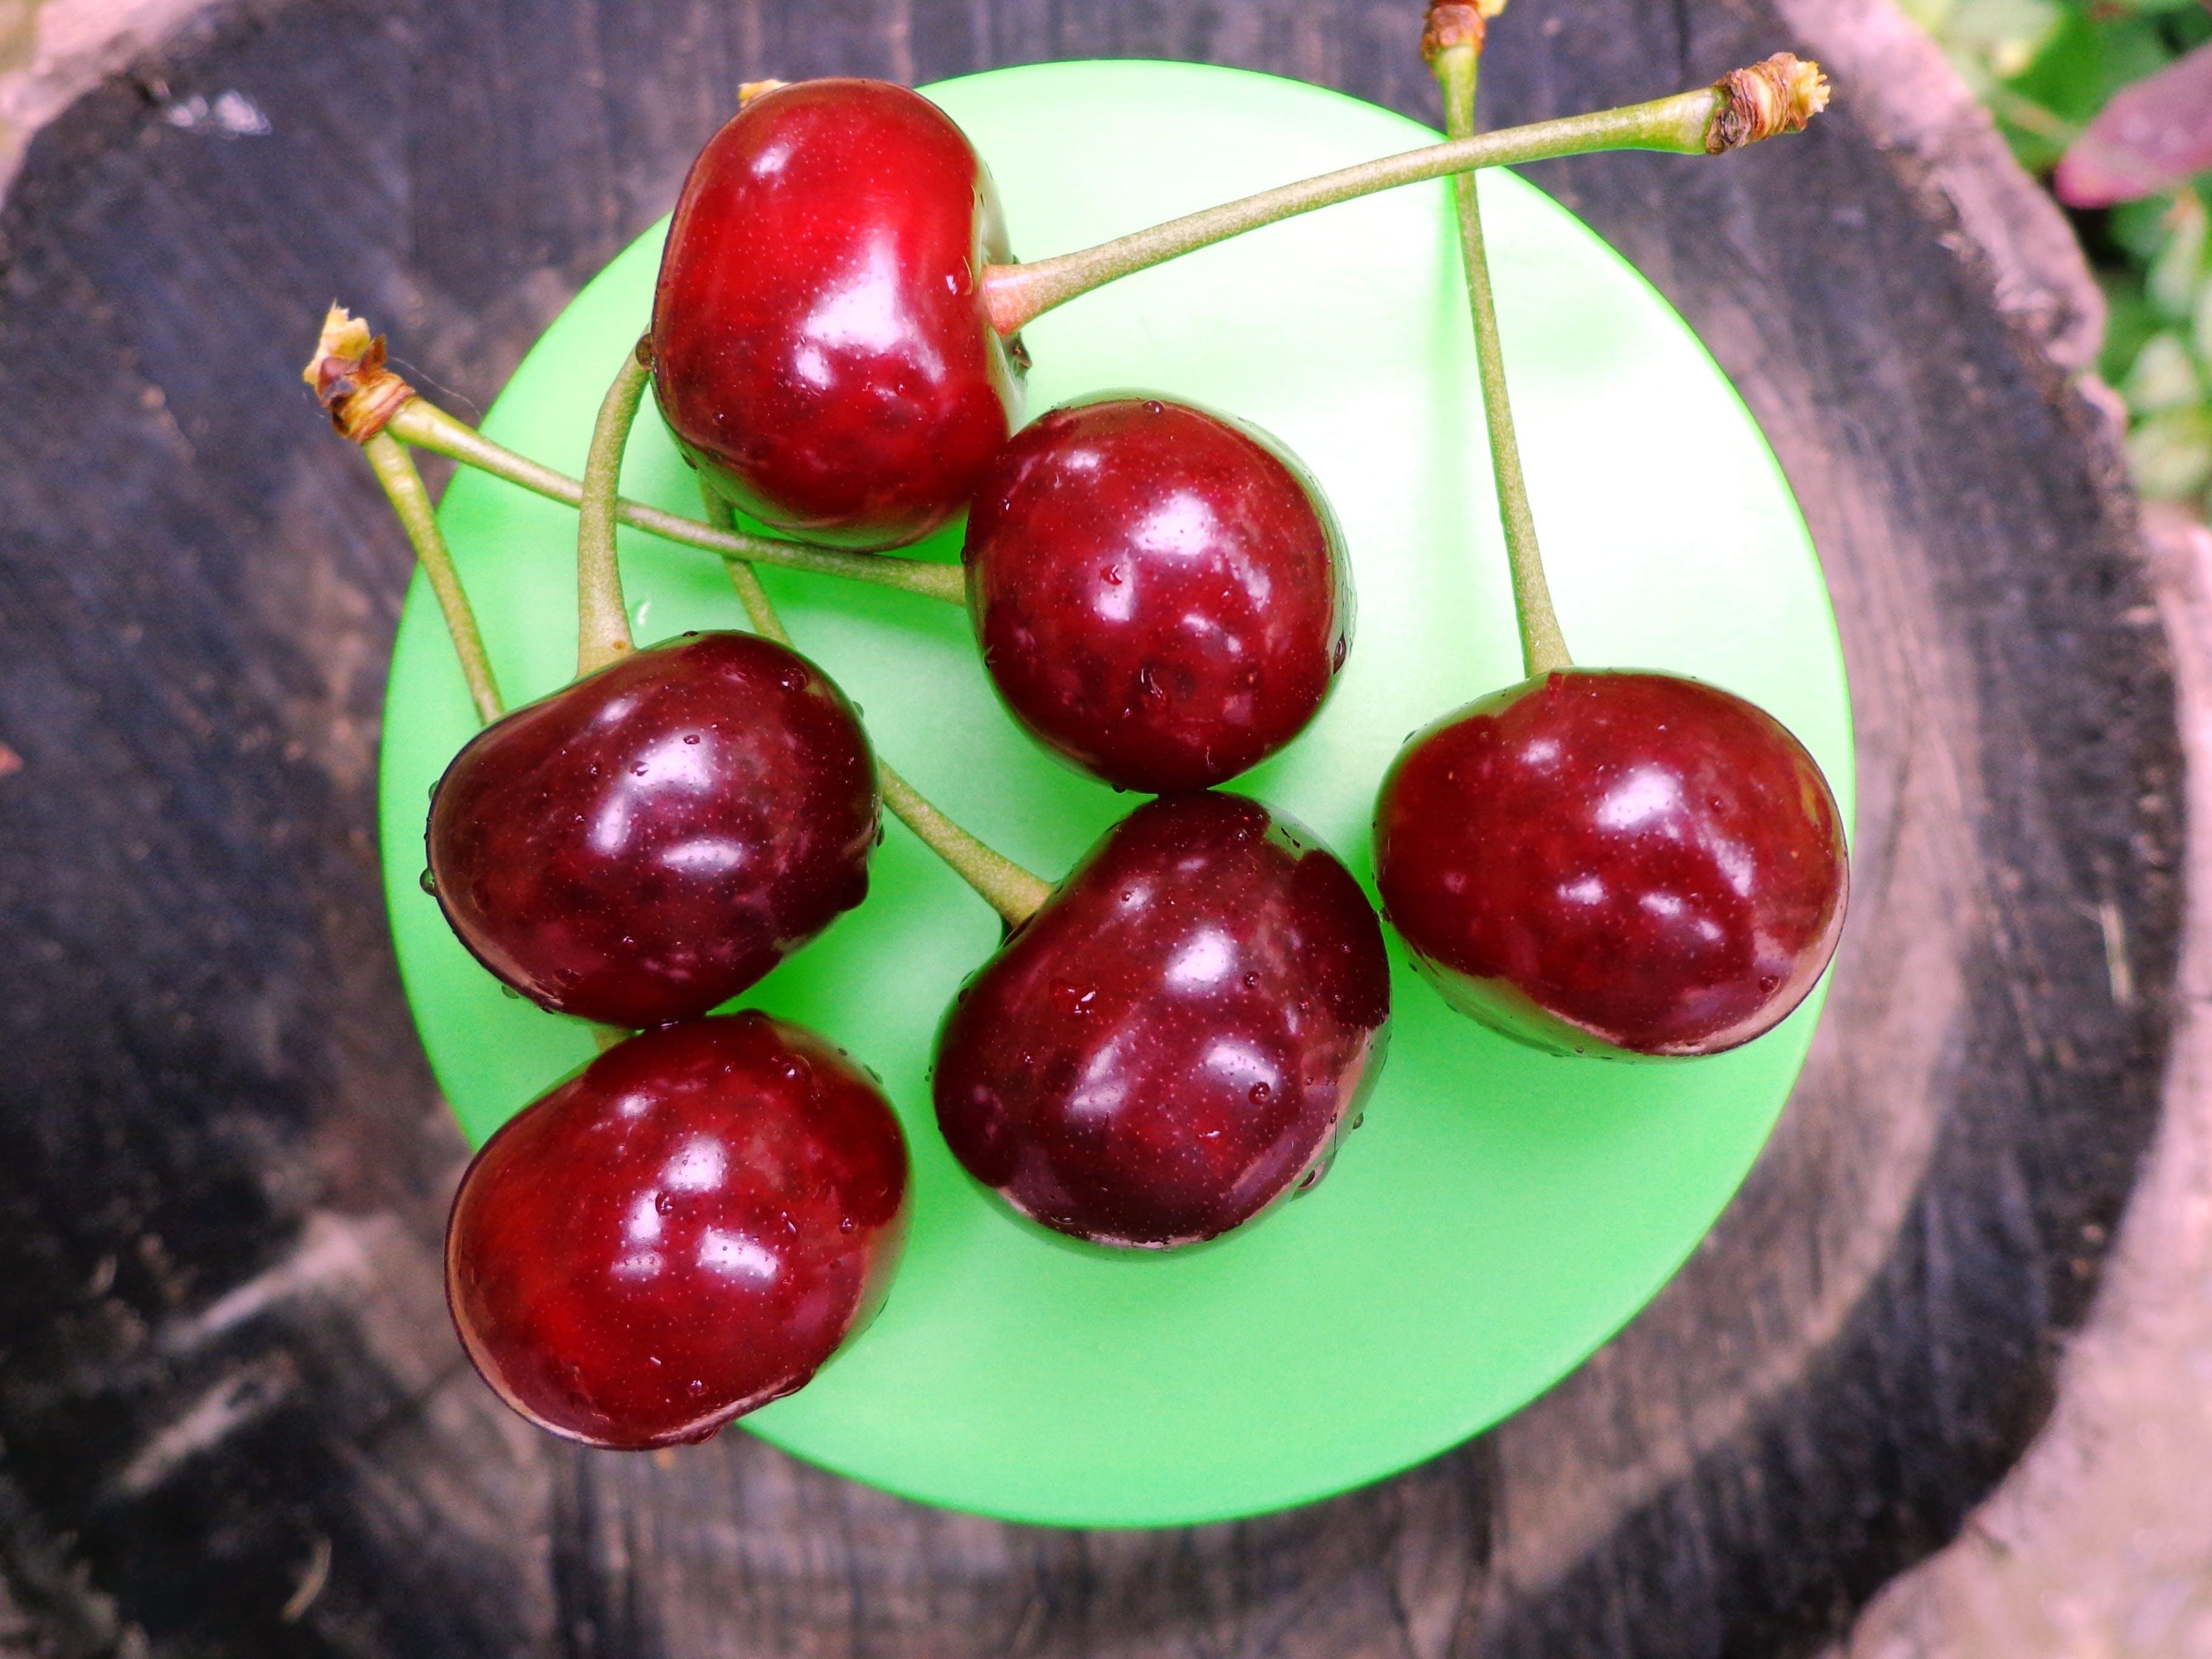 Бесплатное стоковое фото с весенние фрукты, вишни, вишня, еда